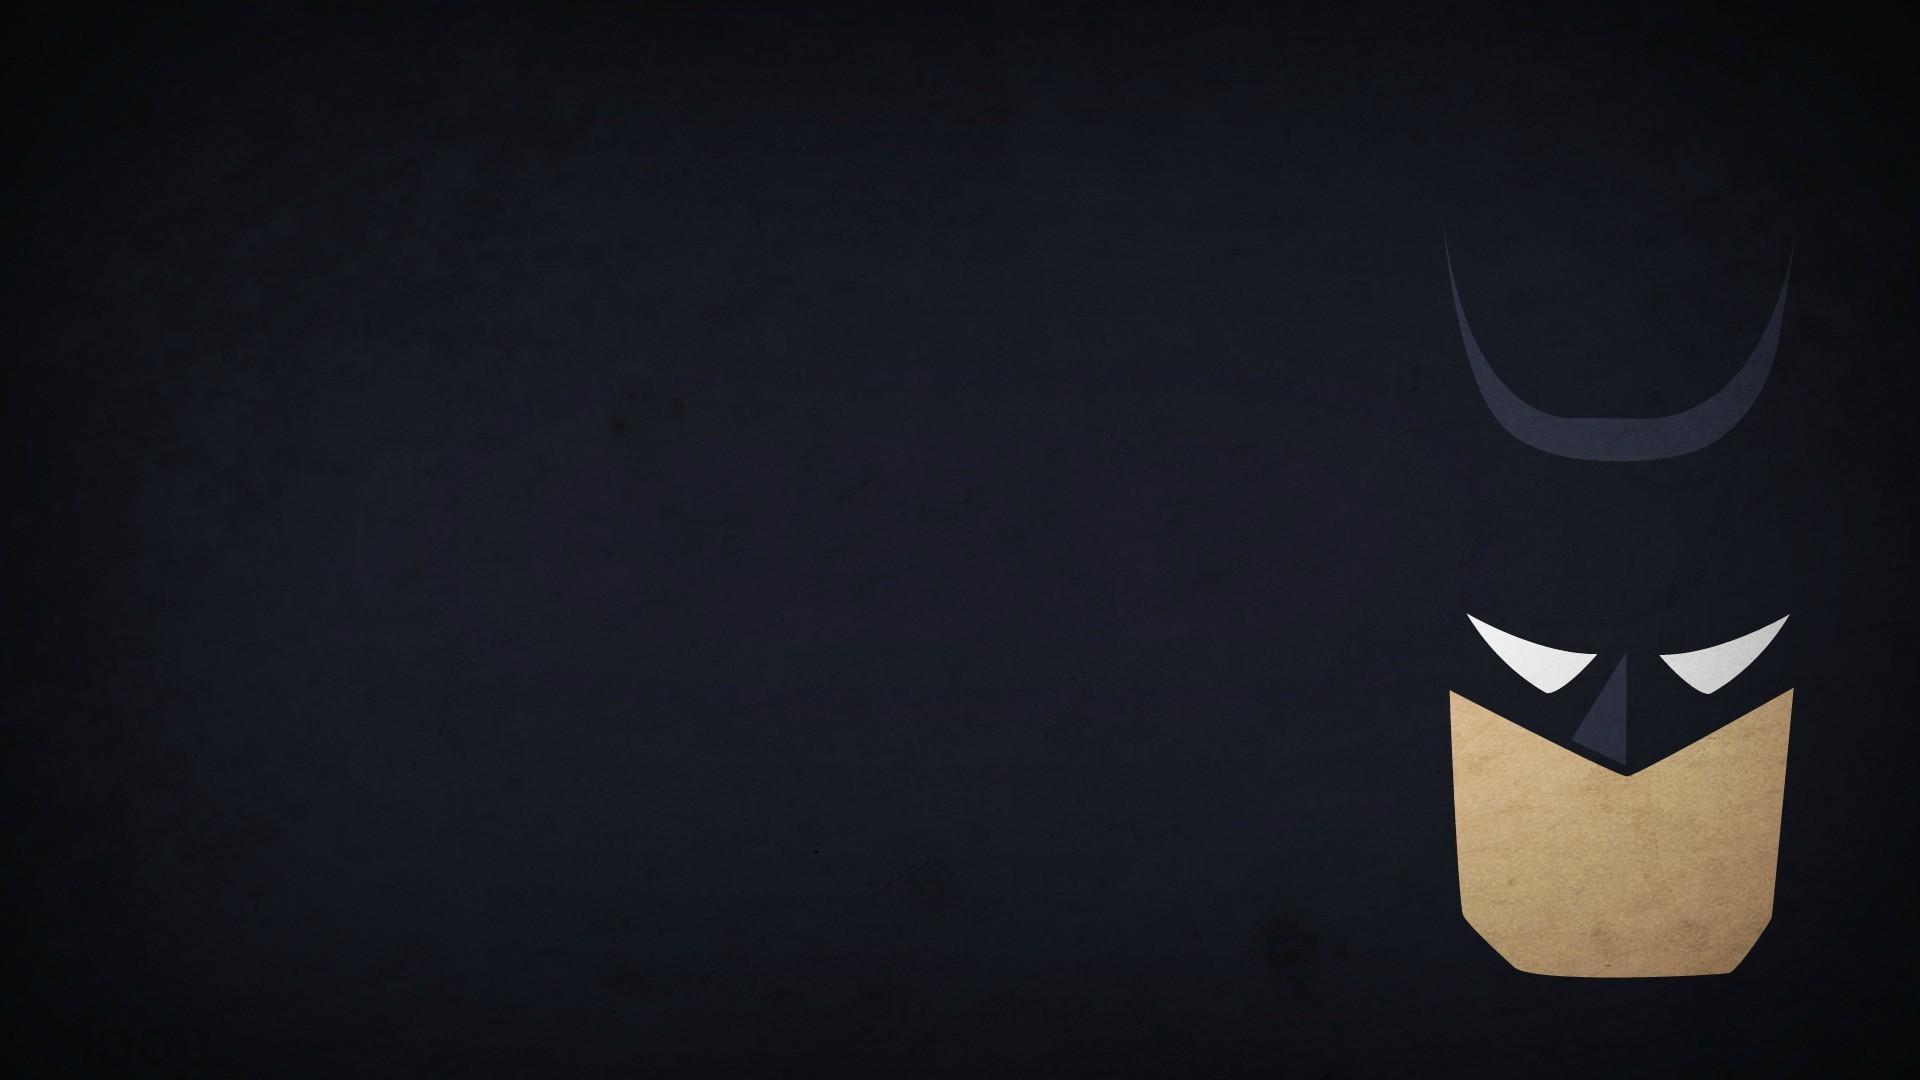 Batman Wallpaper …